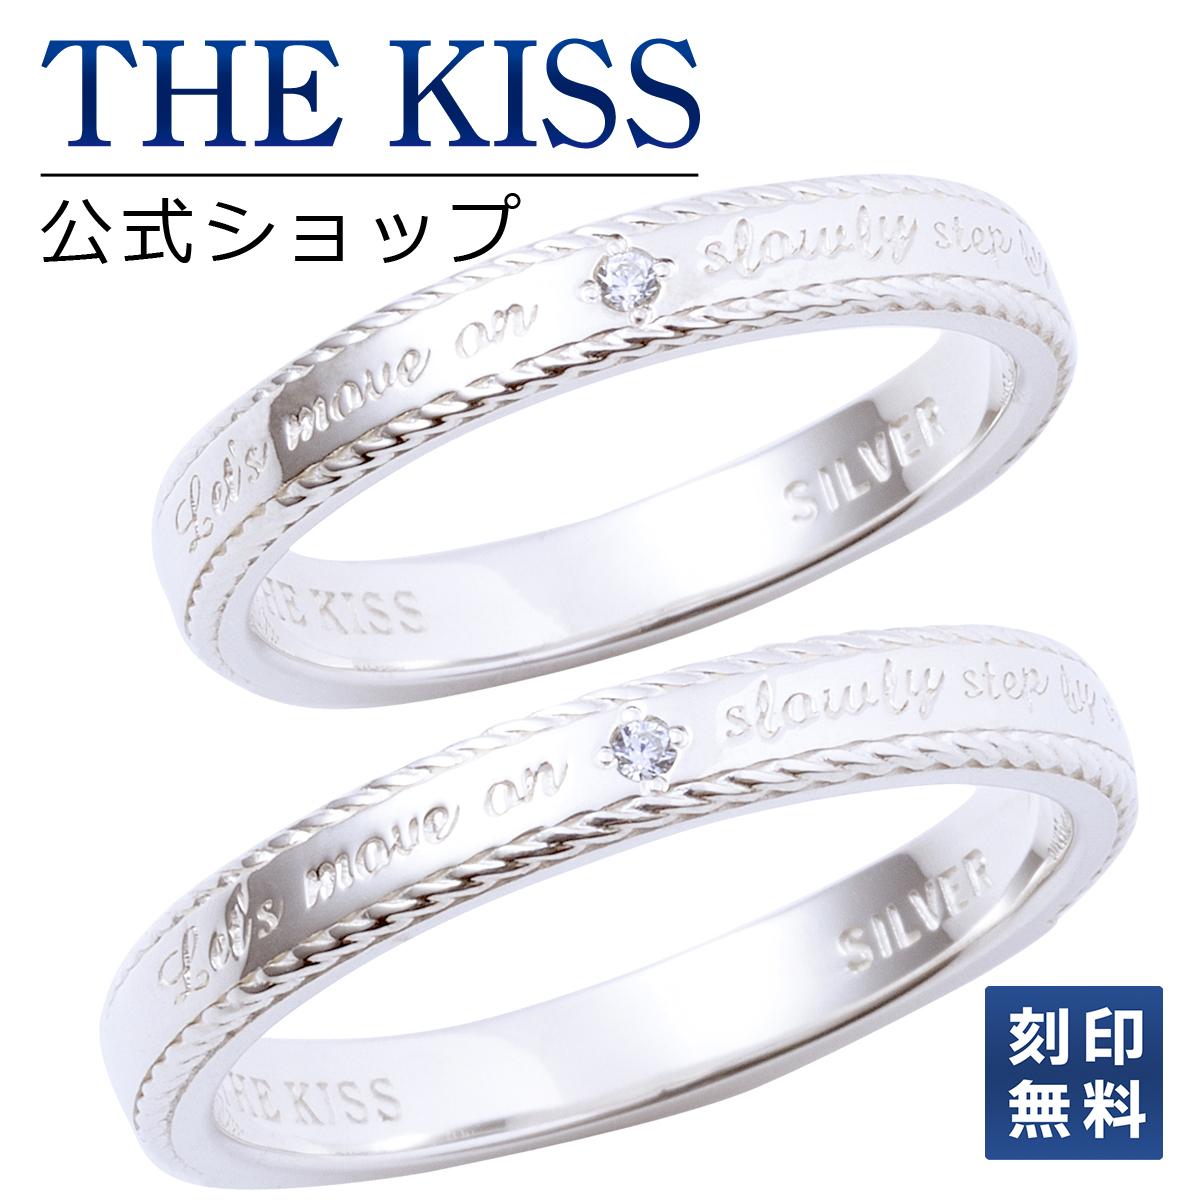 【刻印可_8文字】【あす楽対応】THE KISS 公式サイト シルバー ペアリング ダイヤモンド ペアアクセサリー カップル に 人気 の ジュエリーブランド THEKISS ペア リング・指輪 記念日 プレゼント SR1709DM-P セット シンプル ザキス 【送料無料】